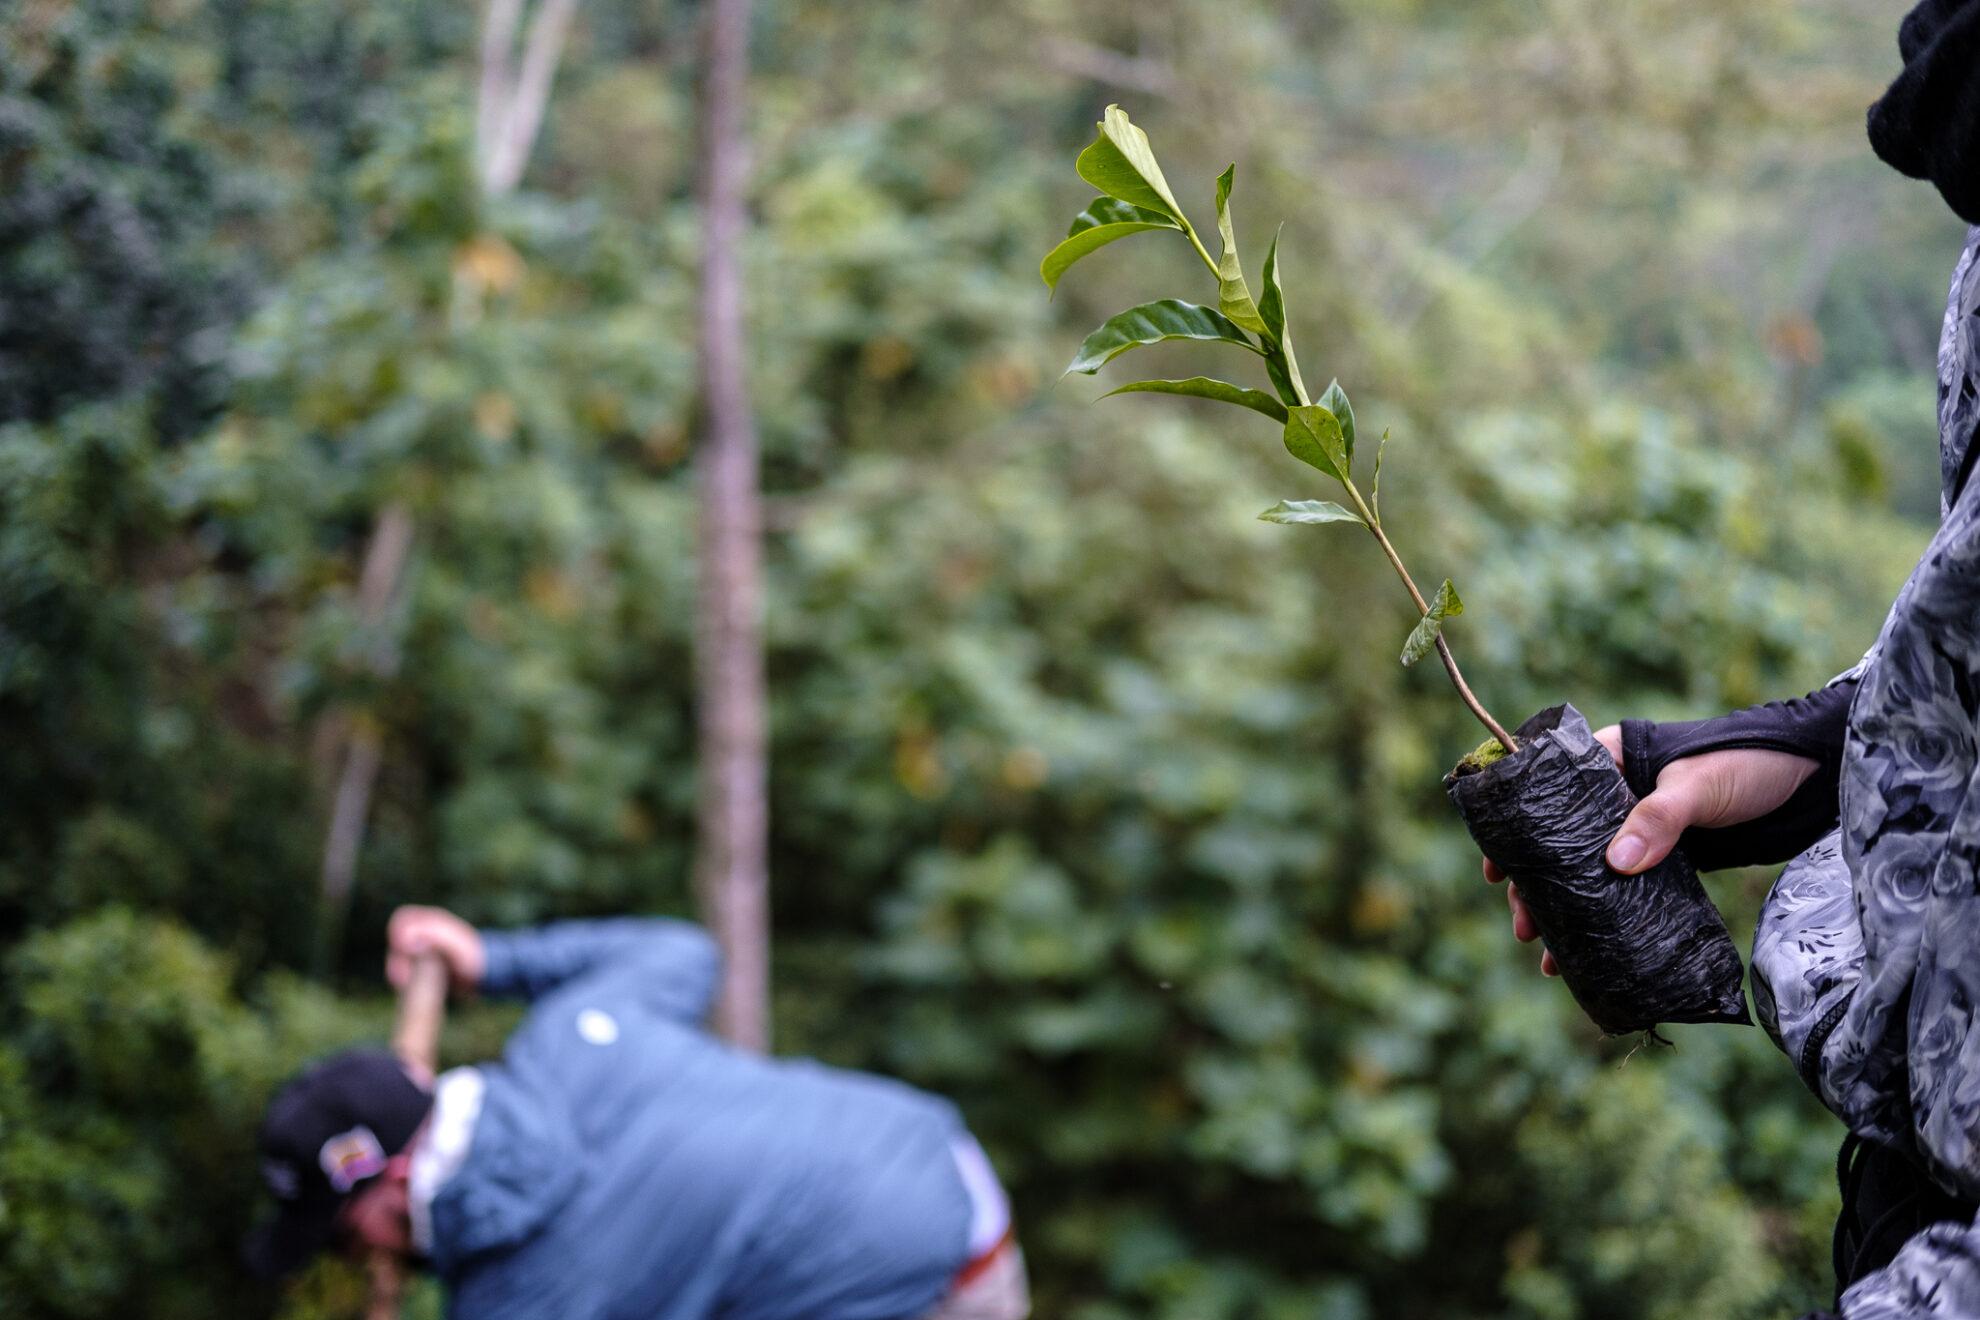 Eine Hand hält eine einzelne Kaffeepflanze kurz vor dem Einpflanzen